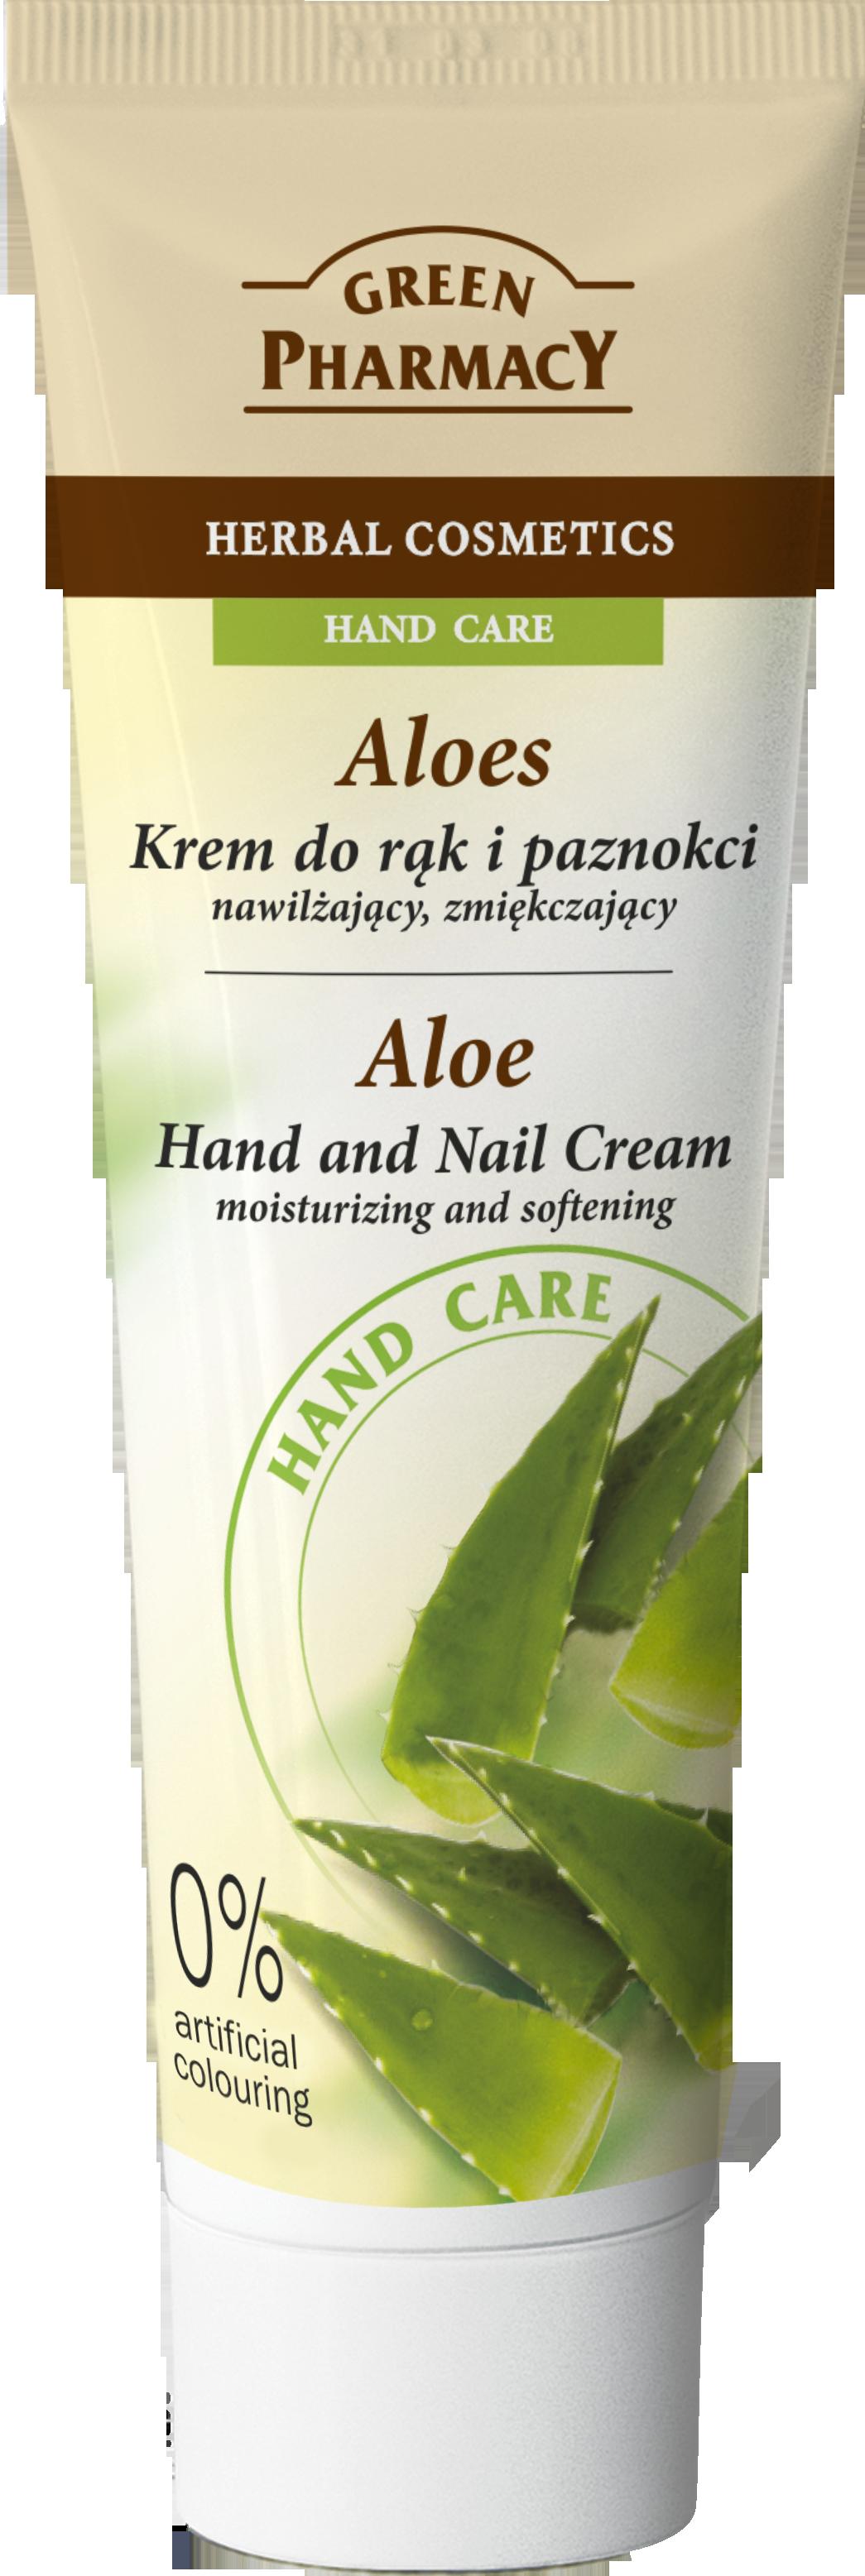 Green Pharmacy Crema Manos y Uñas Aloe Vera